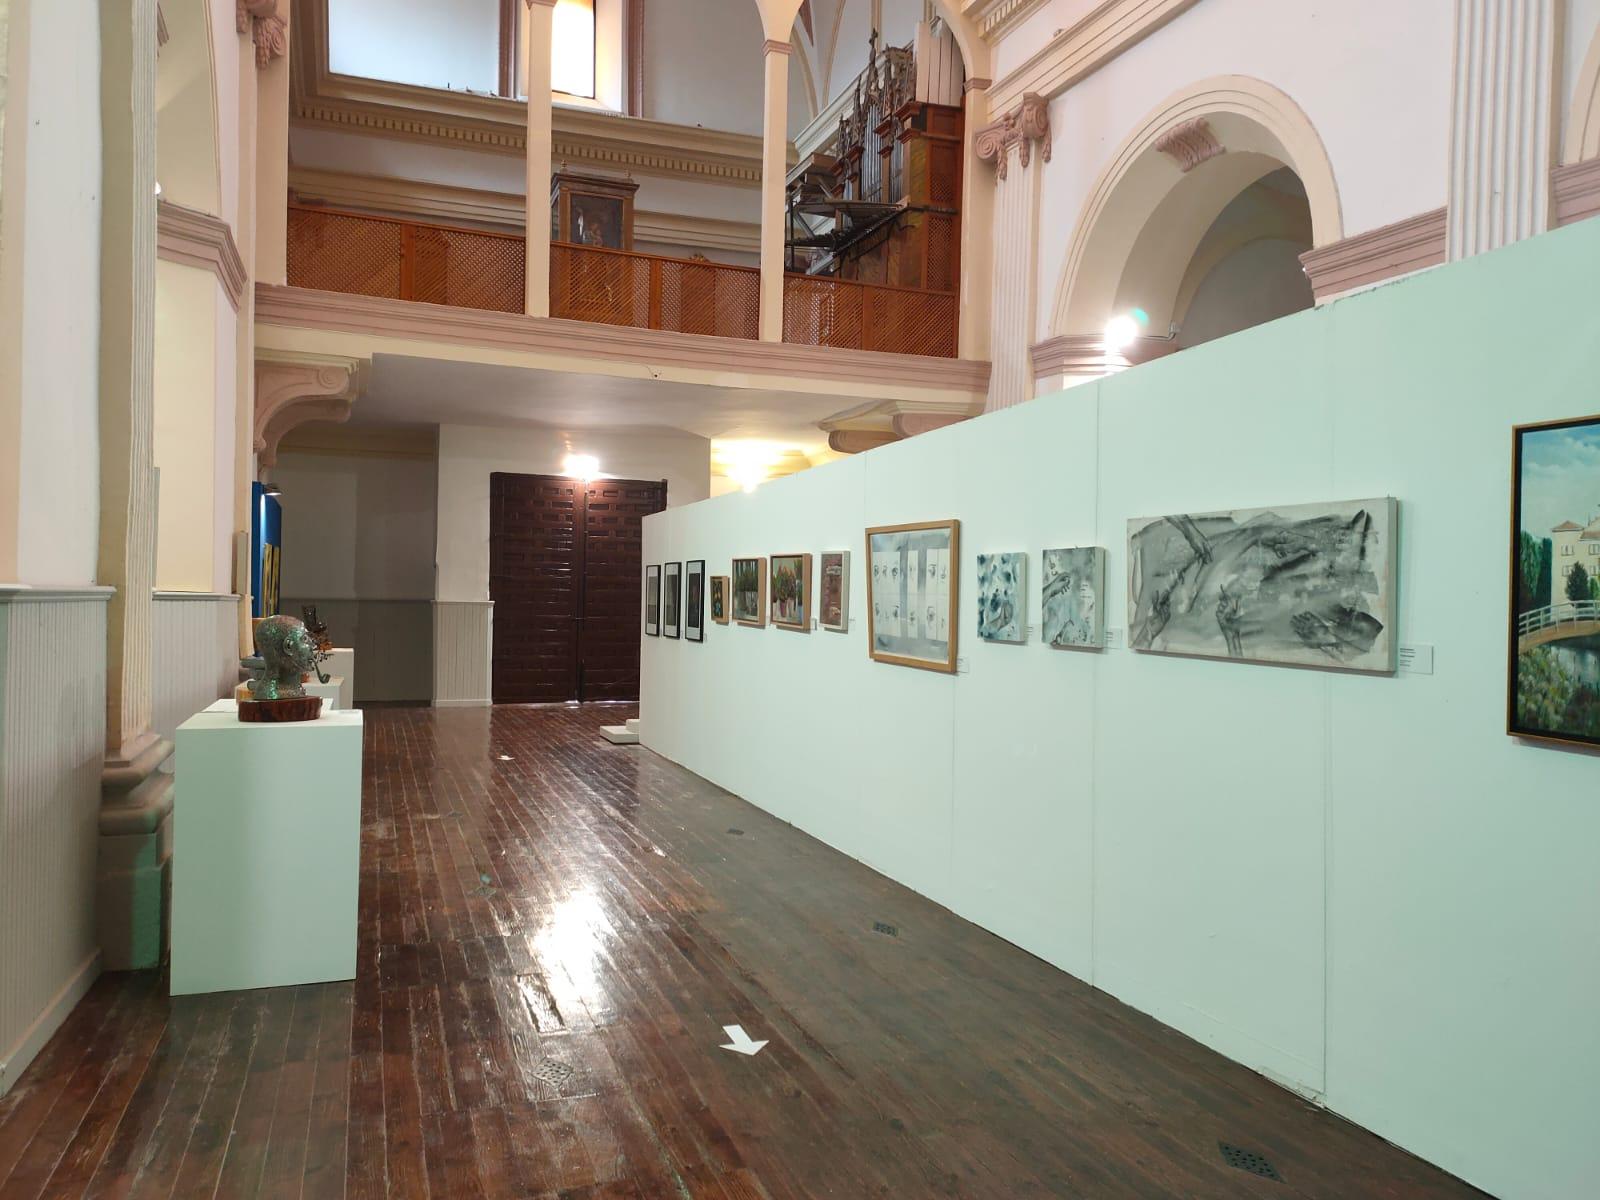 MolinArte, una muestra de la diversidad y calidad  del talento artístico molinés